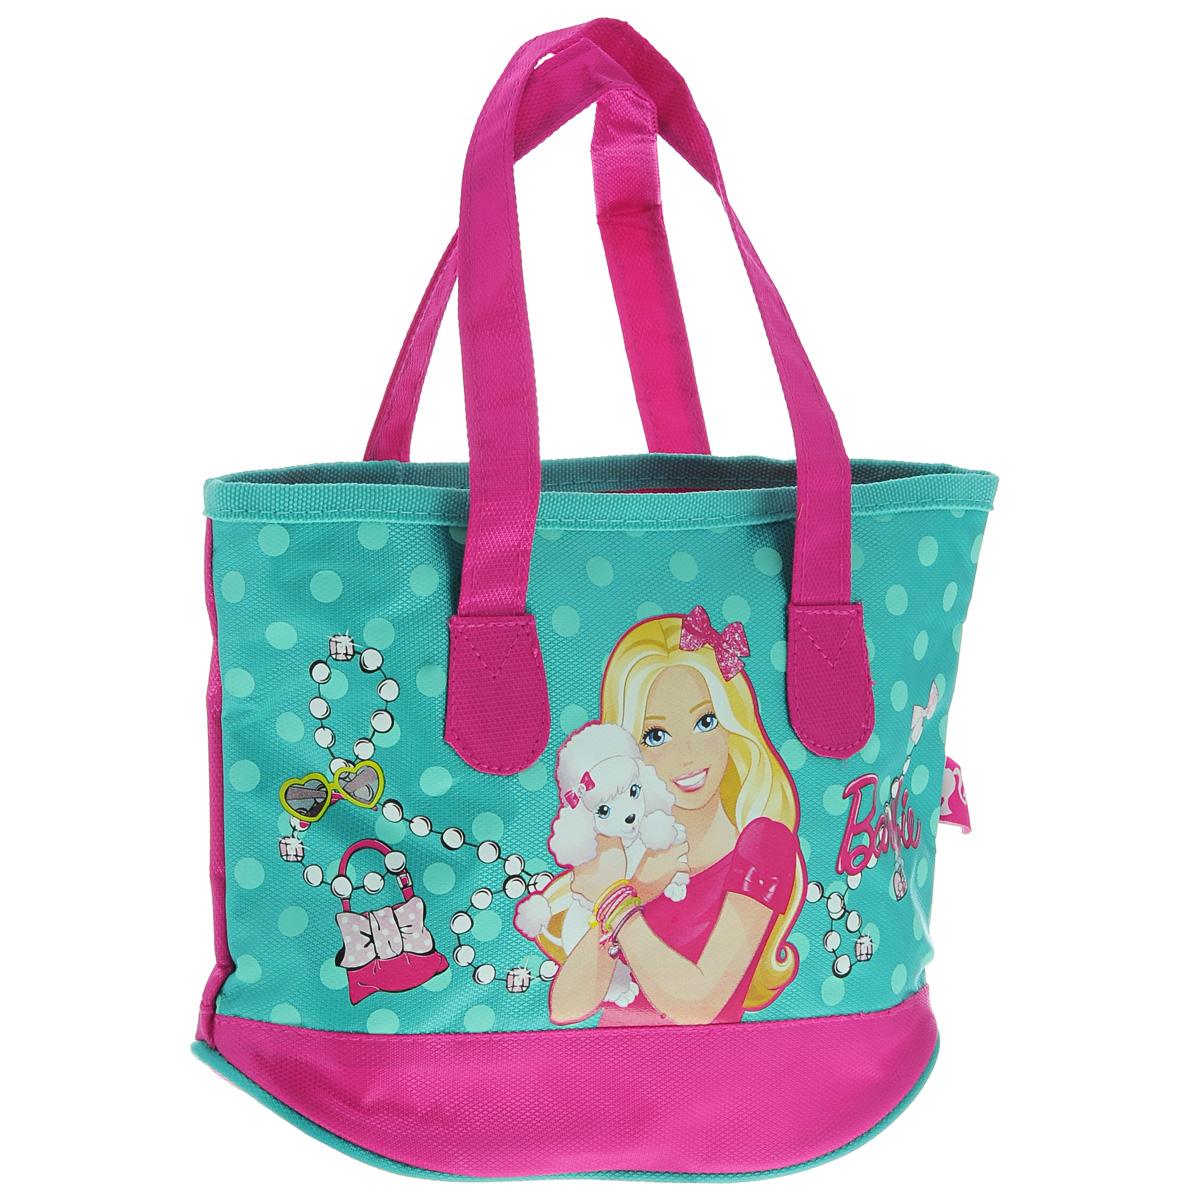 Сумка детская Barbie, цвет: бирюзовый, розовыйBRAP-UT-930Детская сумка Barbie выполнена из прочного полиэстера и оформлена термоаппликацией с изображением Барби, обнимающей белого пуделя. Сумочка содержит одно отделение и закрывается на застежку-молнию. Сумочка оснащена двумя ручками для переноски. Рекомендуемый возраст: от 3 лет.